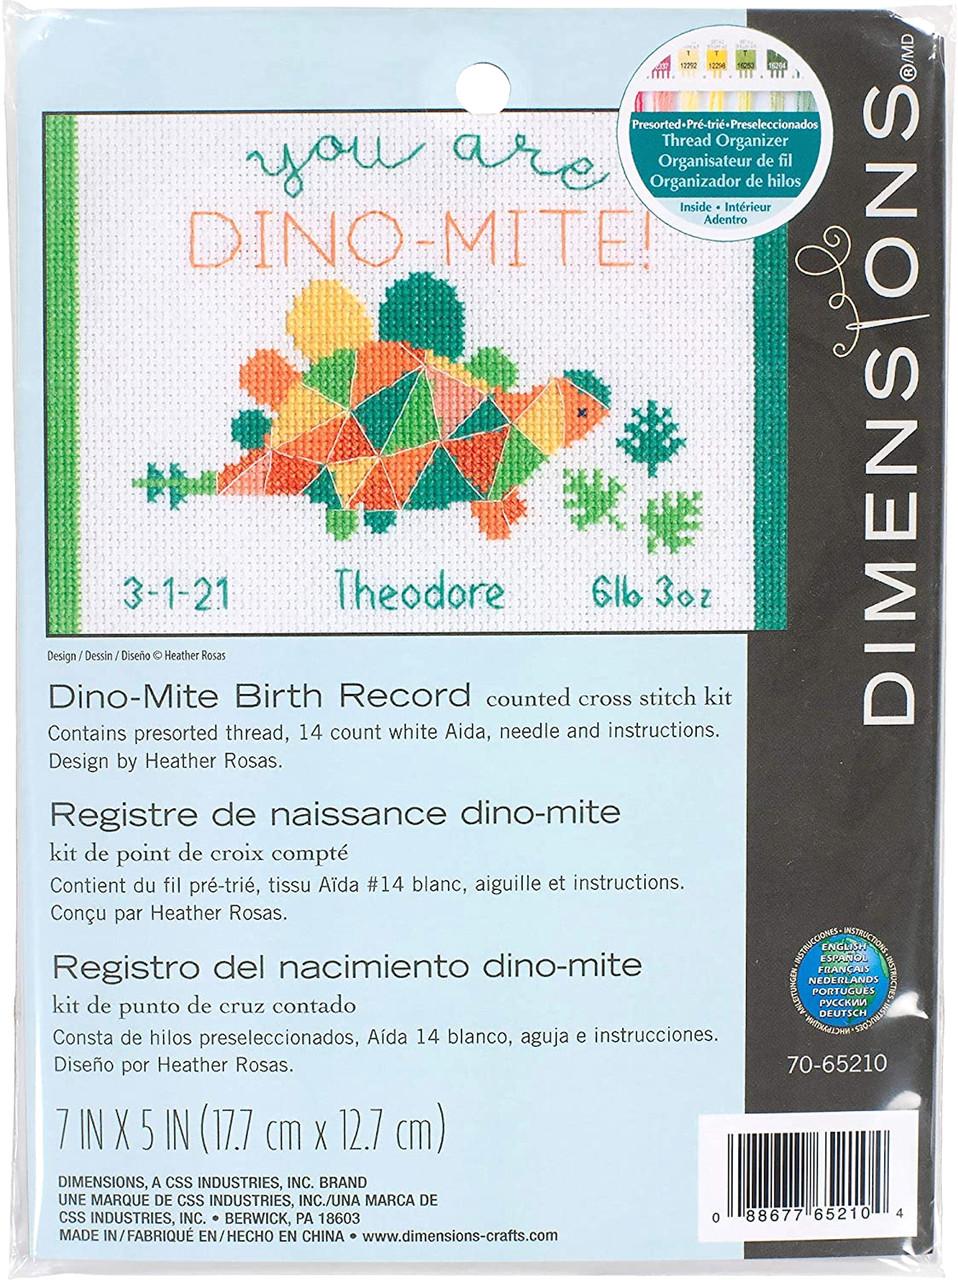 Dimensions Minis - Dino-Mite Birth Record